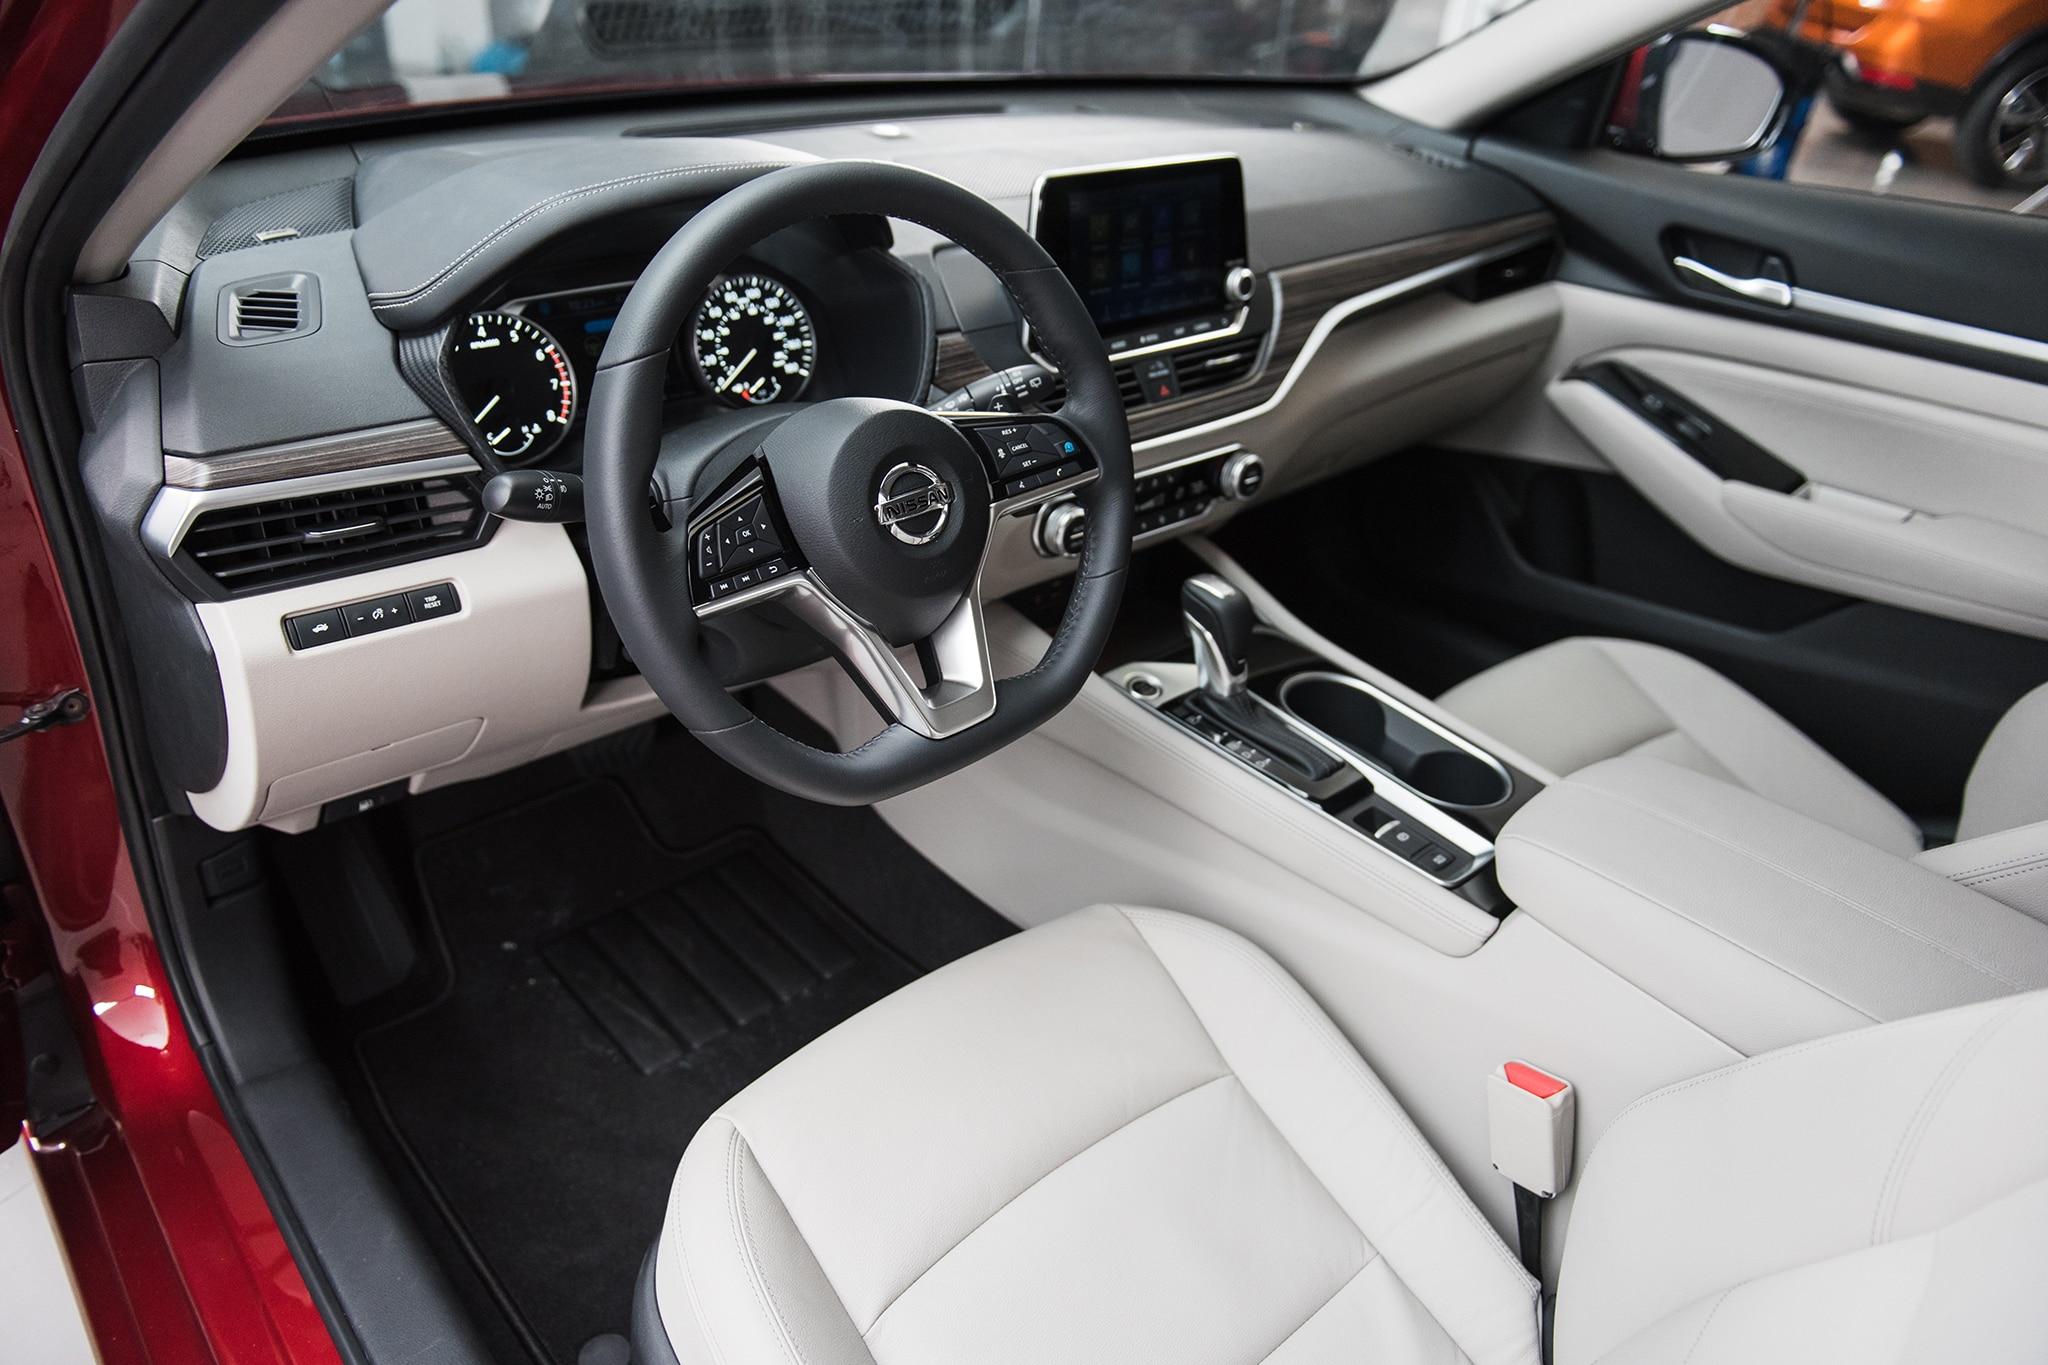 2019 Nissan Altima 13 - Motor Trend en Español